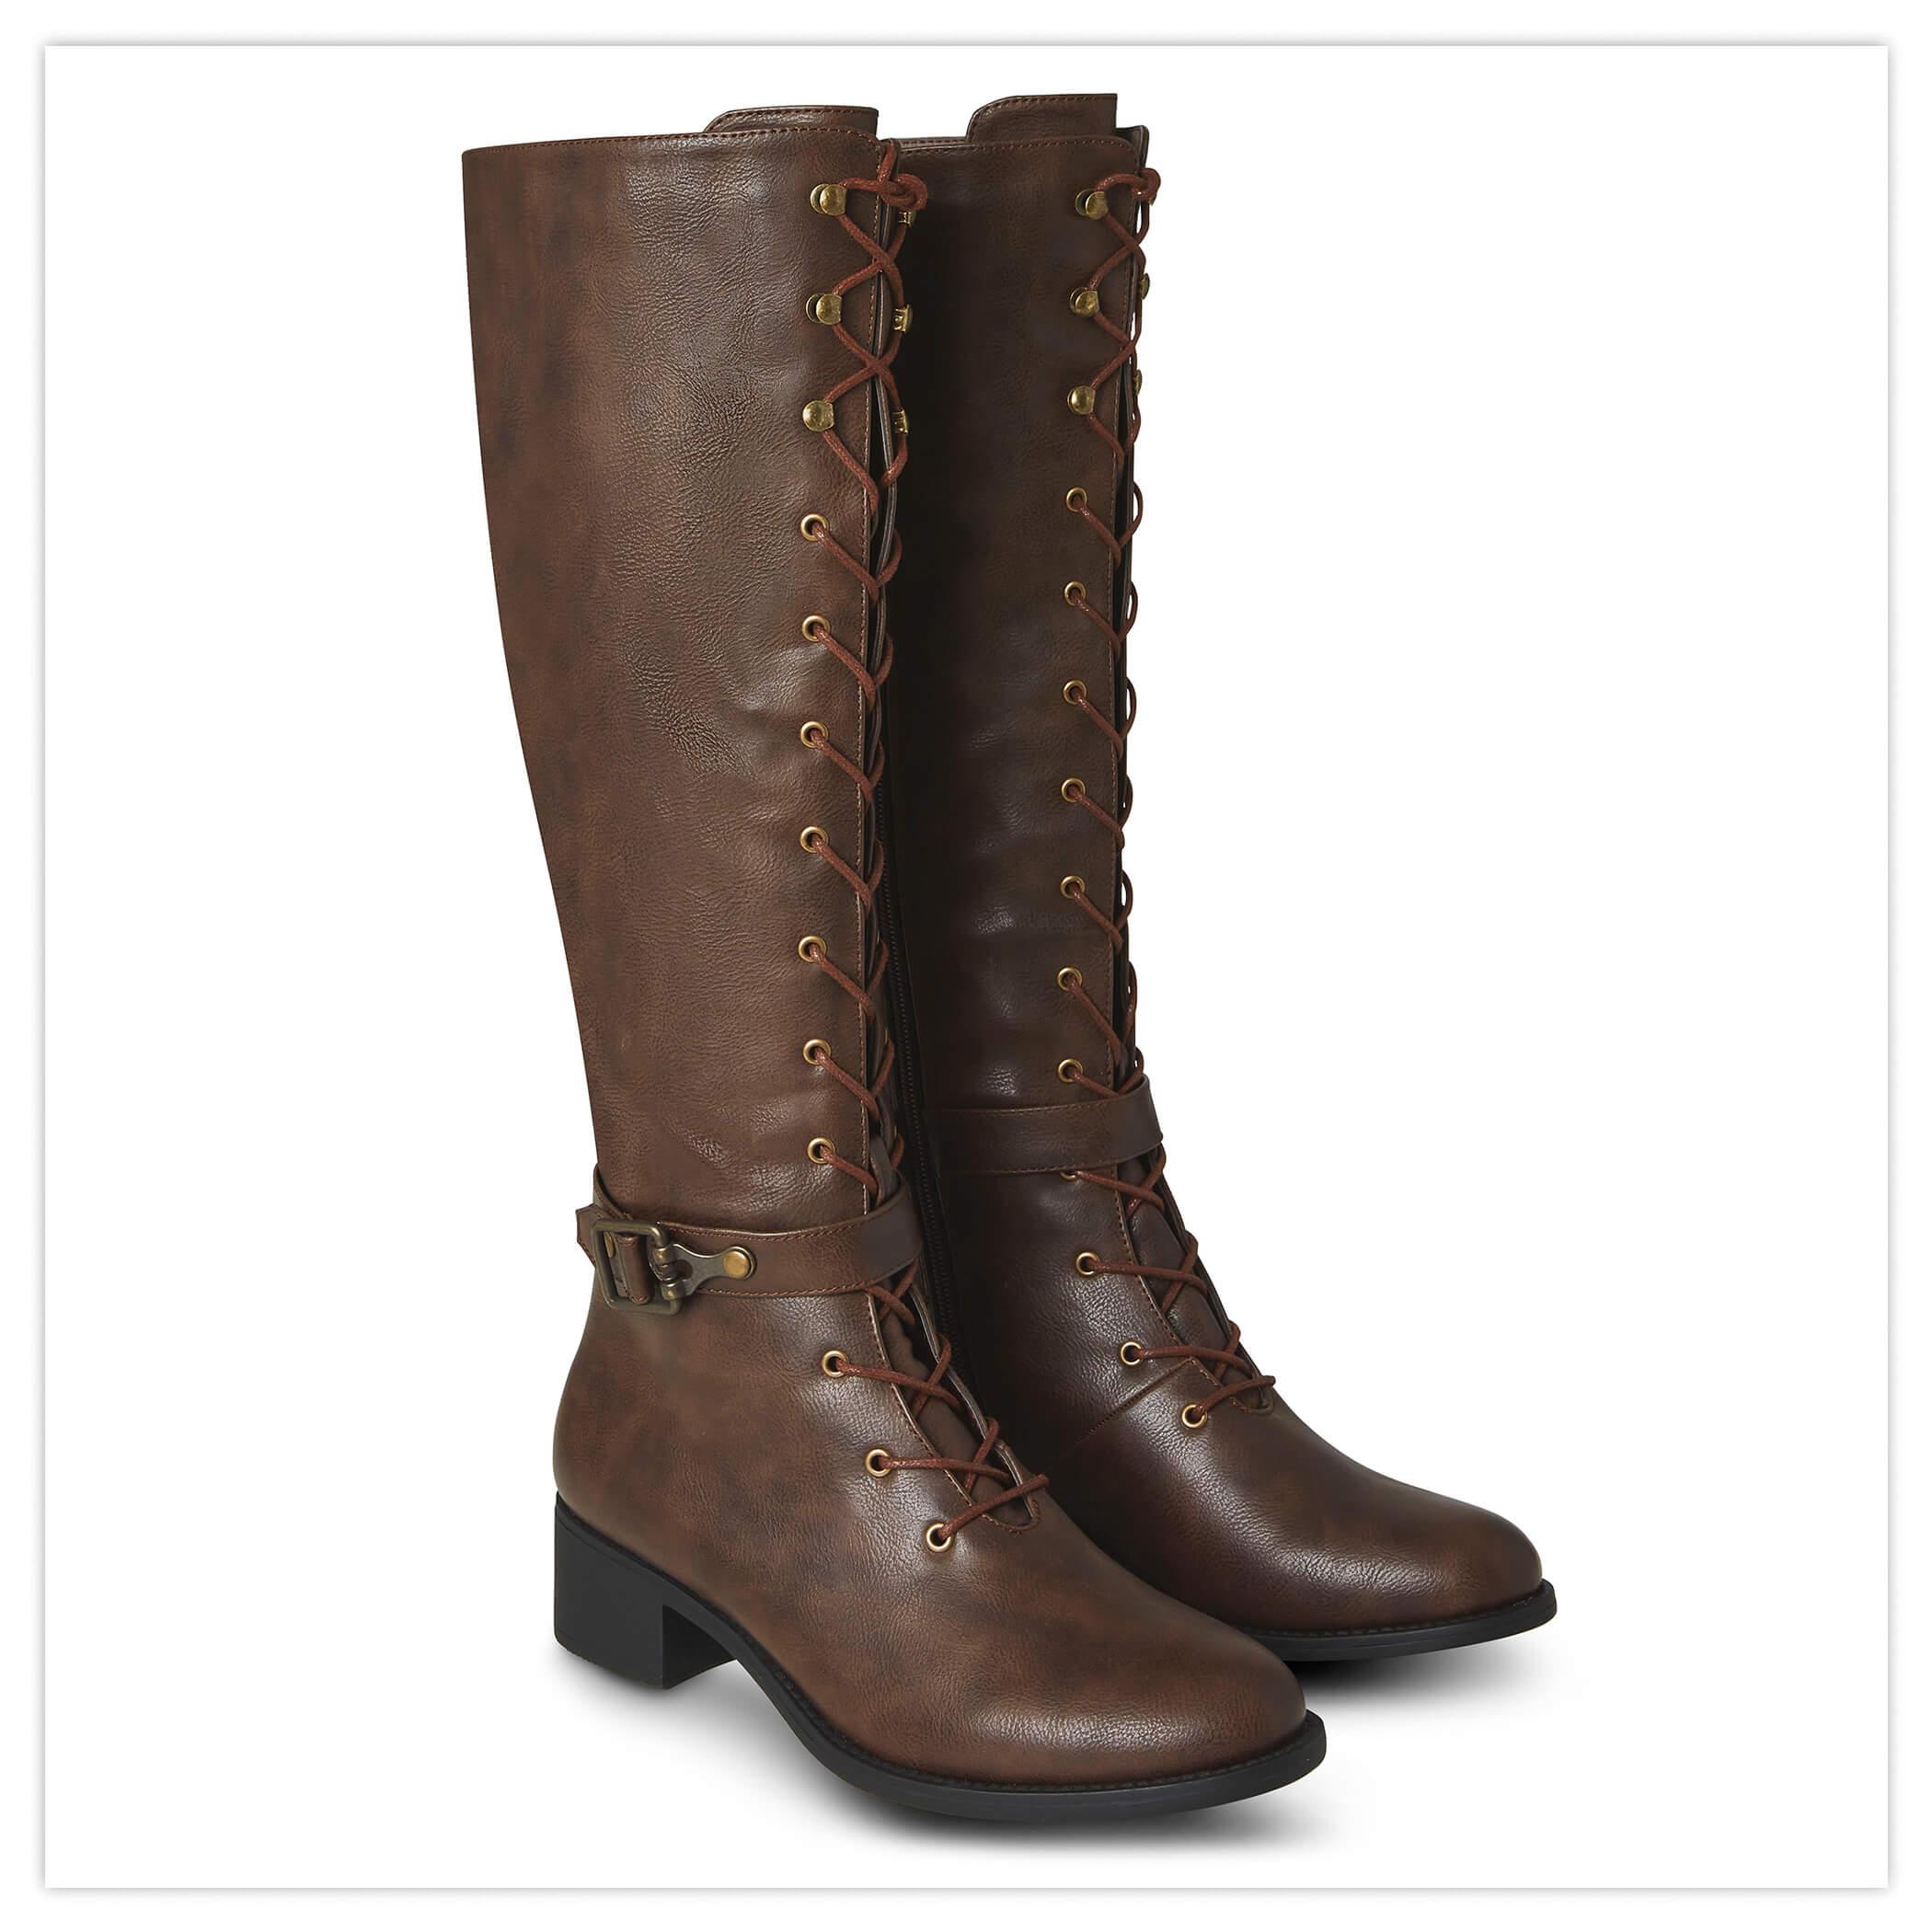 Twice As Nice Boots